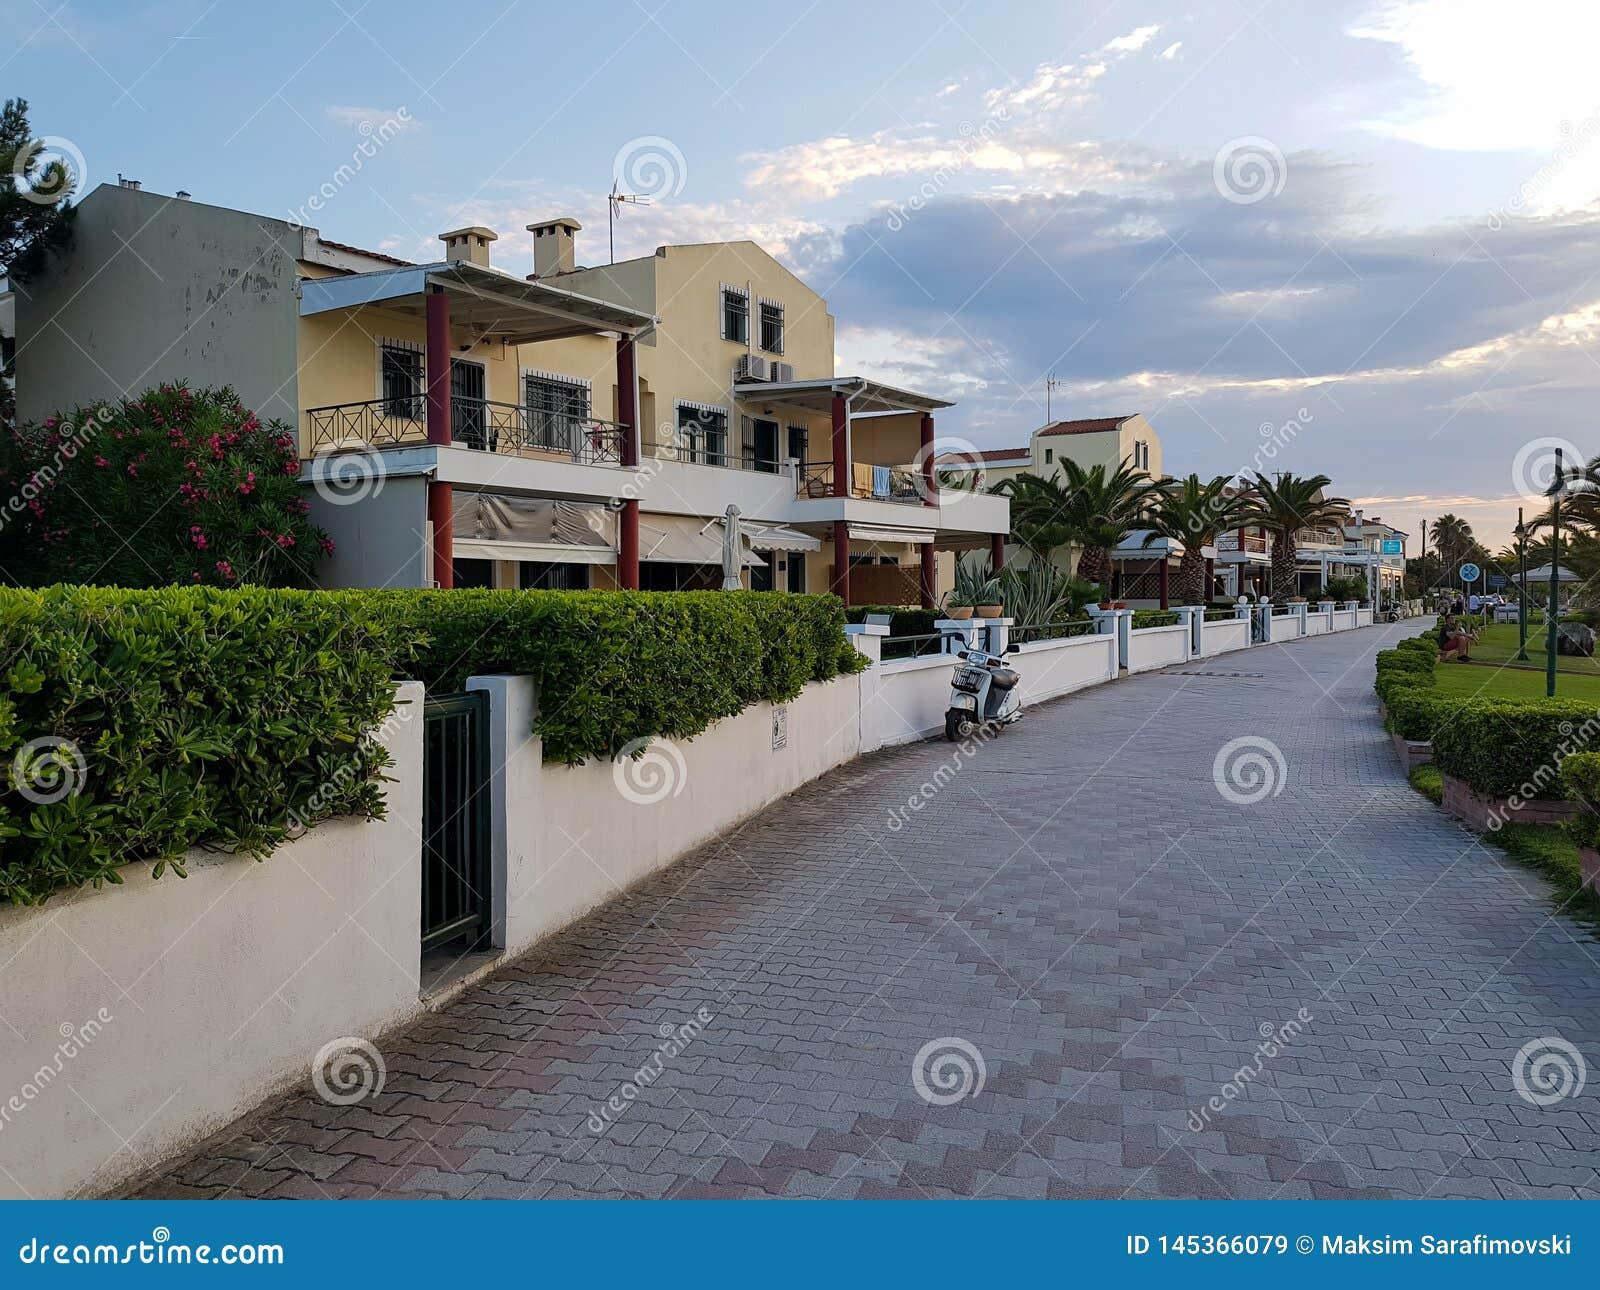 Rij van moderne huizen met haagomheining en mooie steenweg